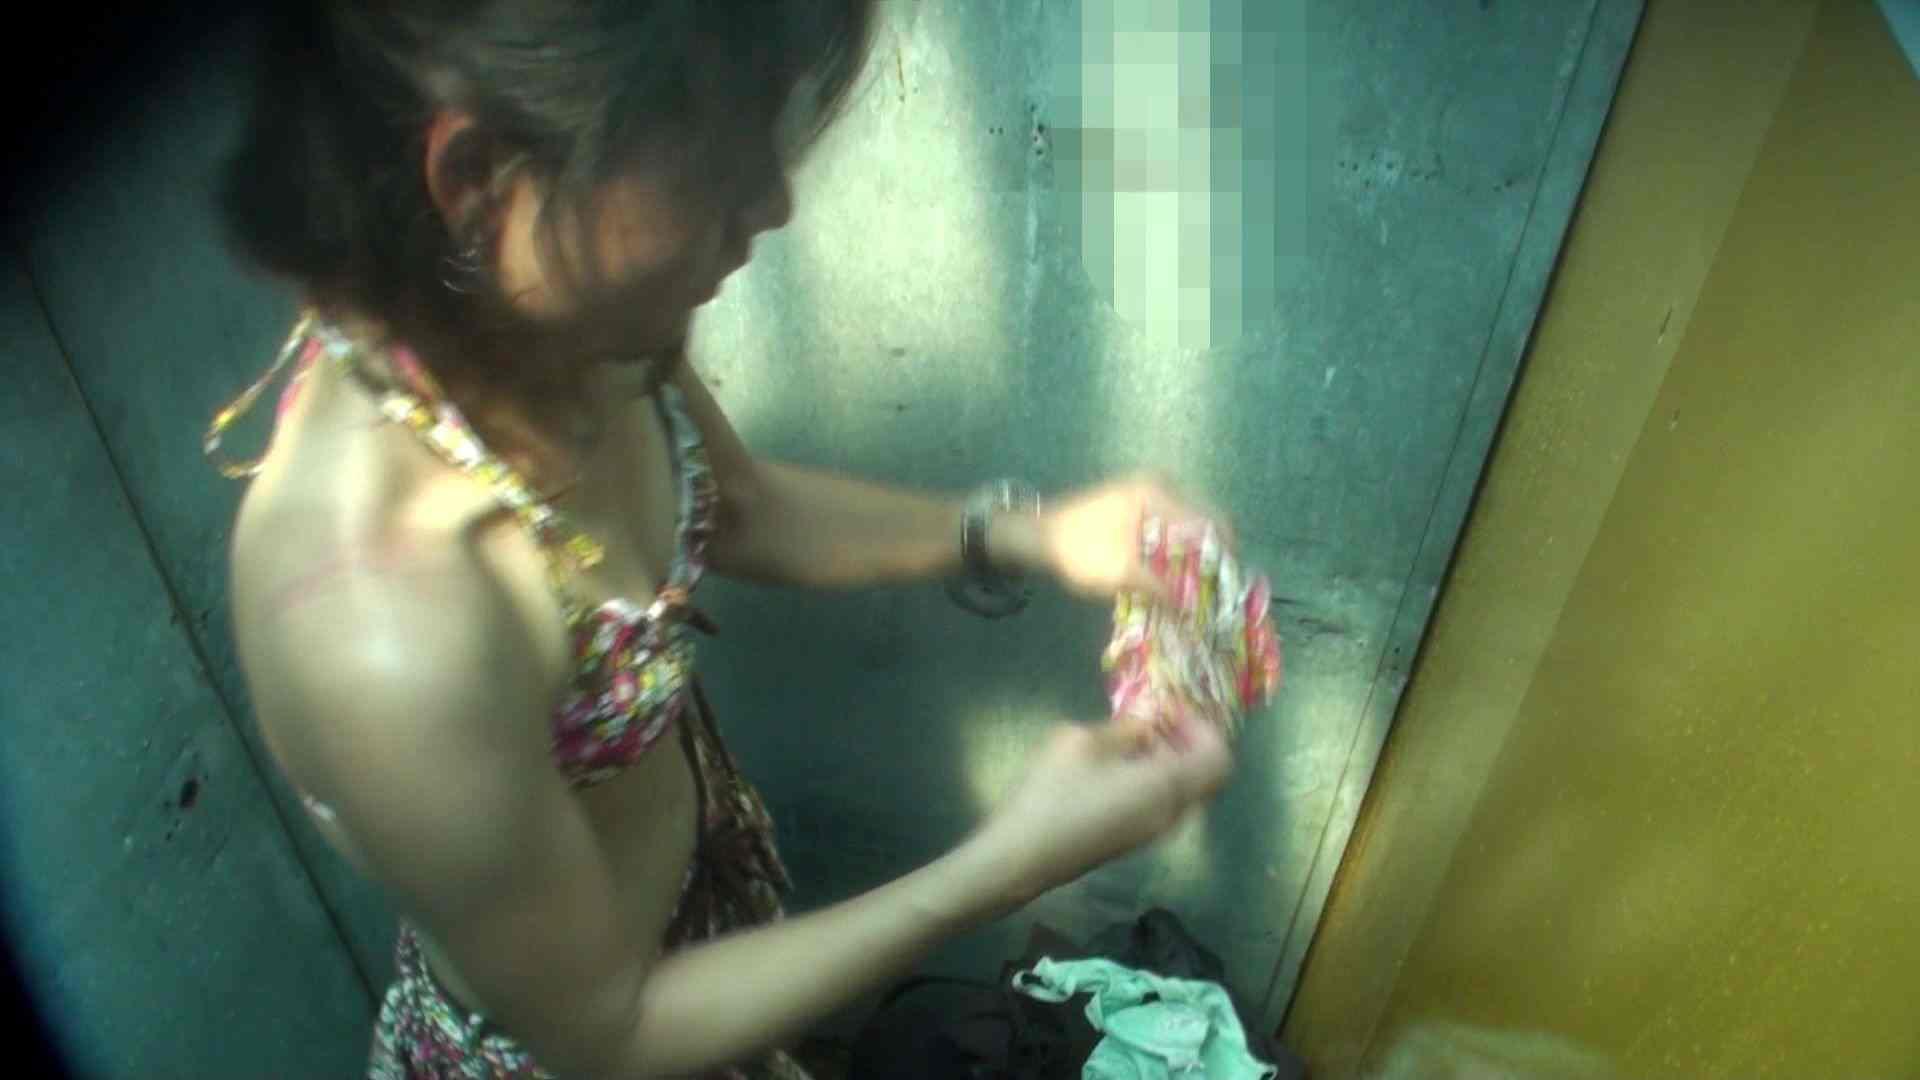 シャワールームは超!!危険な香りVol.16 意外に乳首は年増のそれ 脱衣所の着替え えろ無修正画像 105画像 58